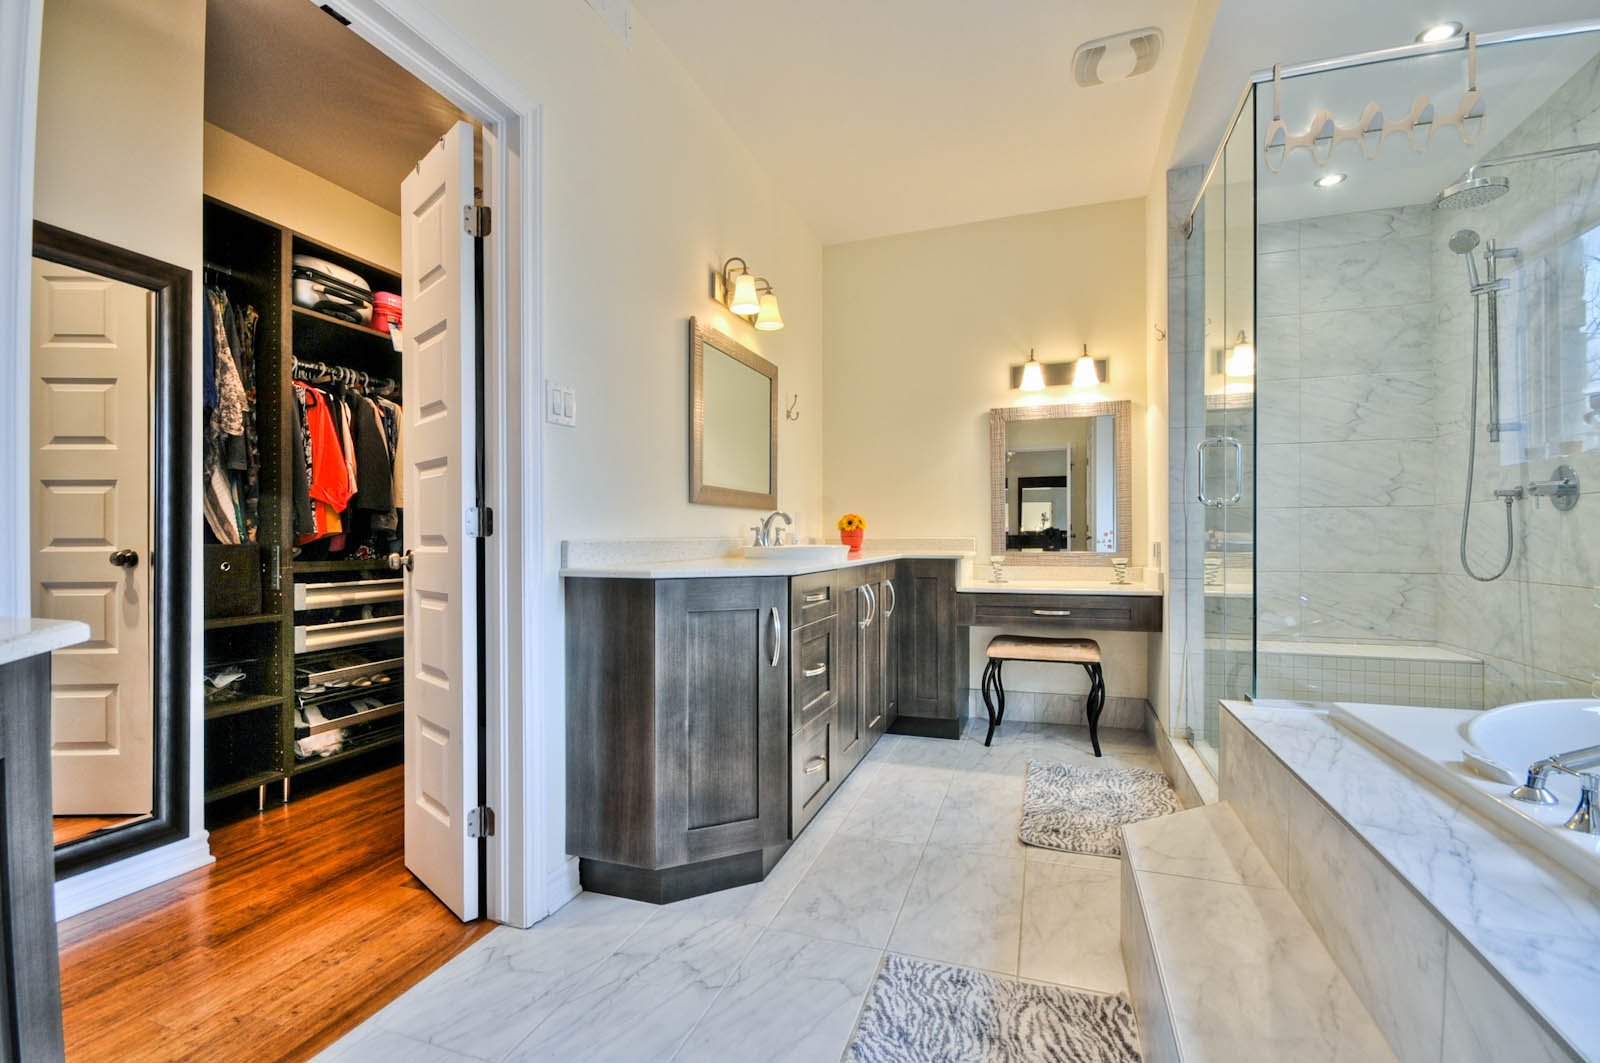 大型卧室带有步入式衣柜,配有大量梳妆台和抽屉,方便收纳和整理